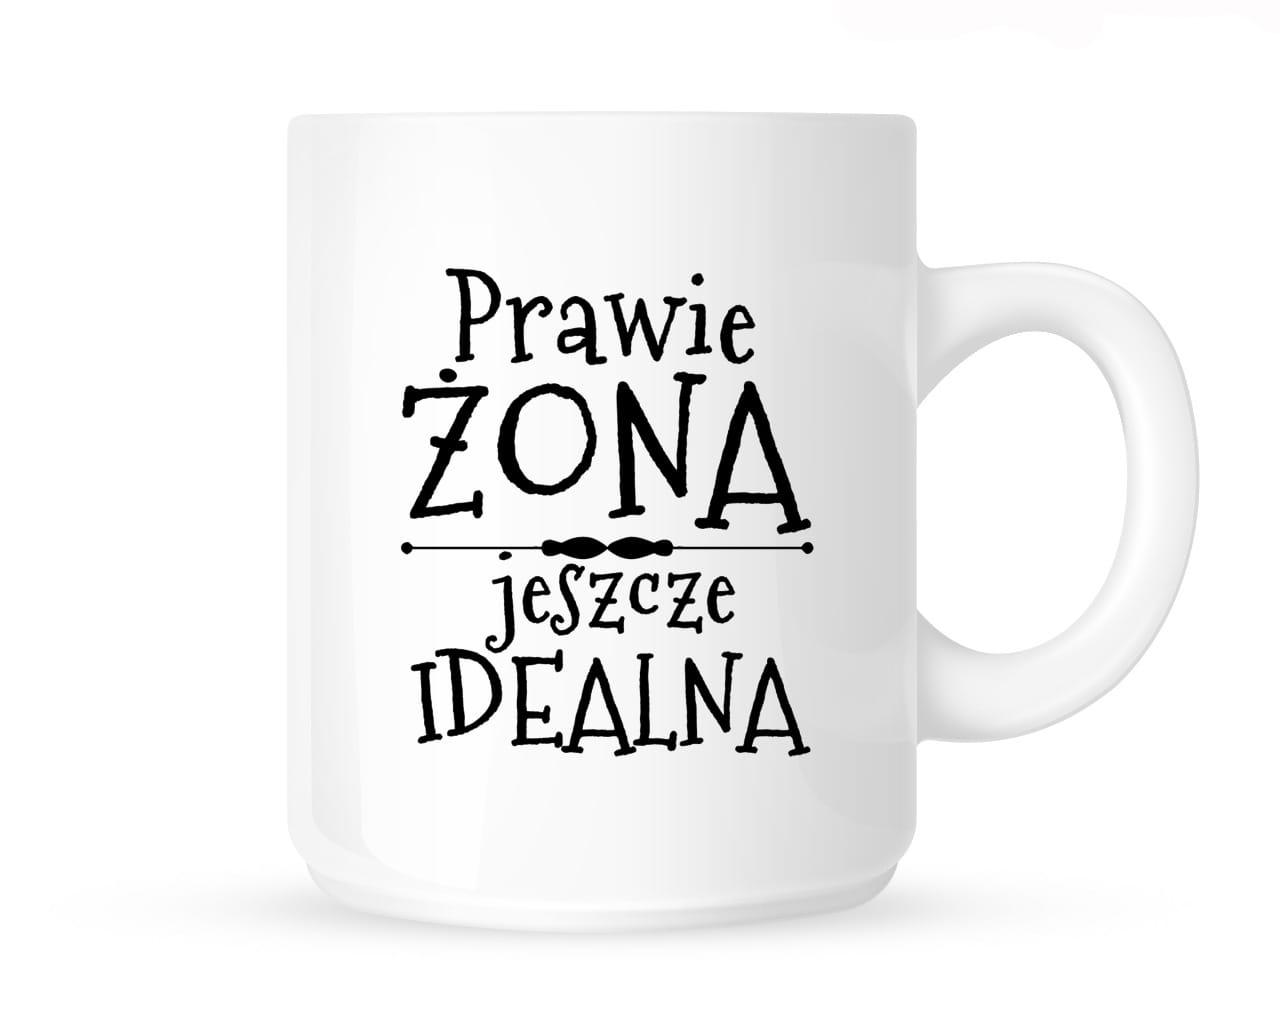 edba7d2973f6 Kubek PRAWIE ŻONA JESZCZE IDEALNA Time For Fashion - odzież ...